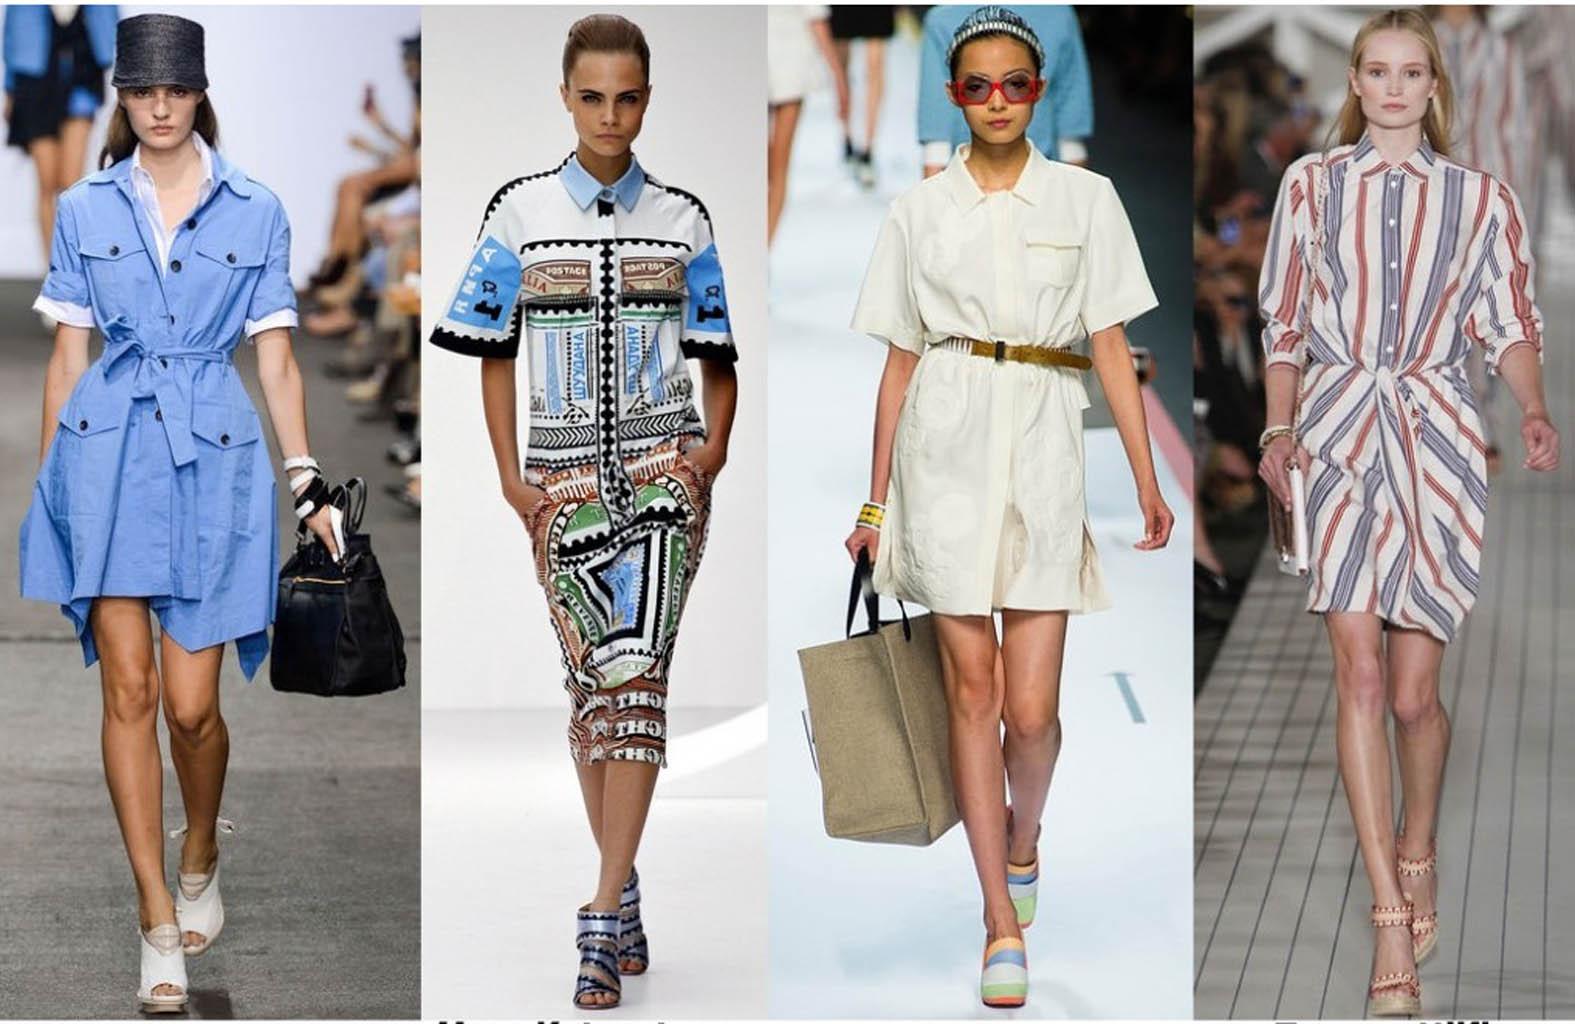 Фасон платья рубашка, красивые модели платьев в 2020 году